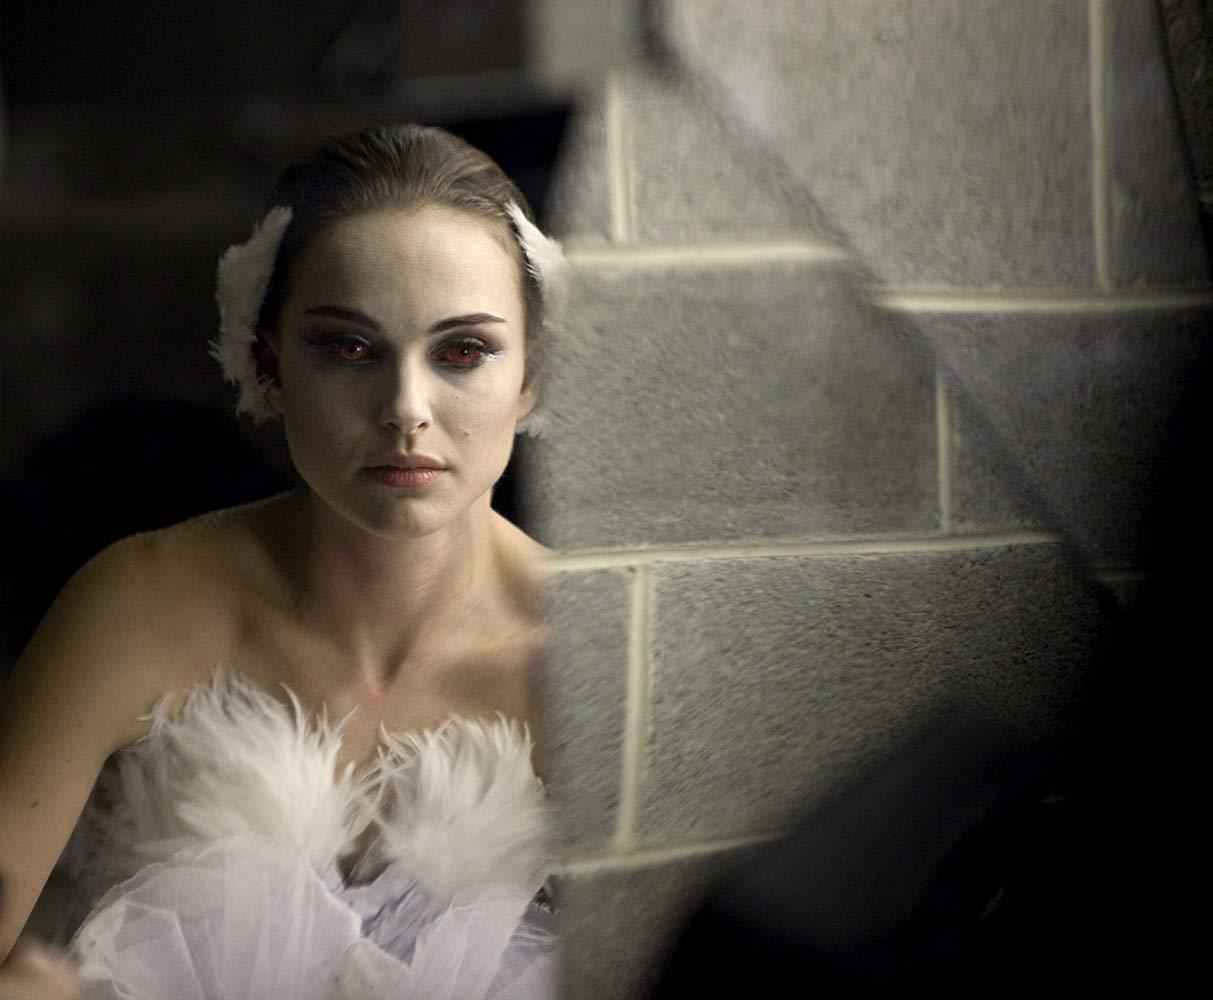 «Μαύρος κύκνος» (2010). Ο Αρονόφσκι κάνει αυτό που ξέρει καλύτερα, μας βυθίζει στον κόσμο της παράνοιας με φόντο το ανέβασμα της παράστασης «Η λίμνη των κύκνων». Η Νάταλι Πόρτμαν συγκλονίζει ως αφοσιωμένη πρίμα μπαλαρίνα. Δεν είναι τυχαίο άλλωστε που στις Απόκριες εκείνης της χρονιάς είχαν όλοι ντυθεί «μαύρος κύκνος» - ήταν πράγματι ένας εμβληματικός ρόλος